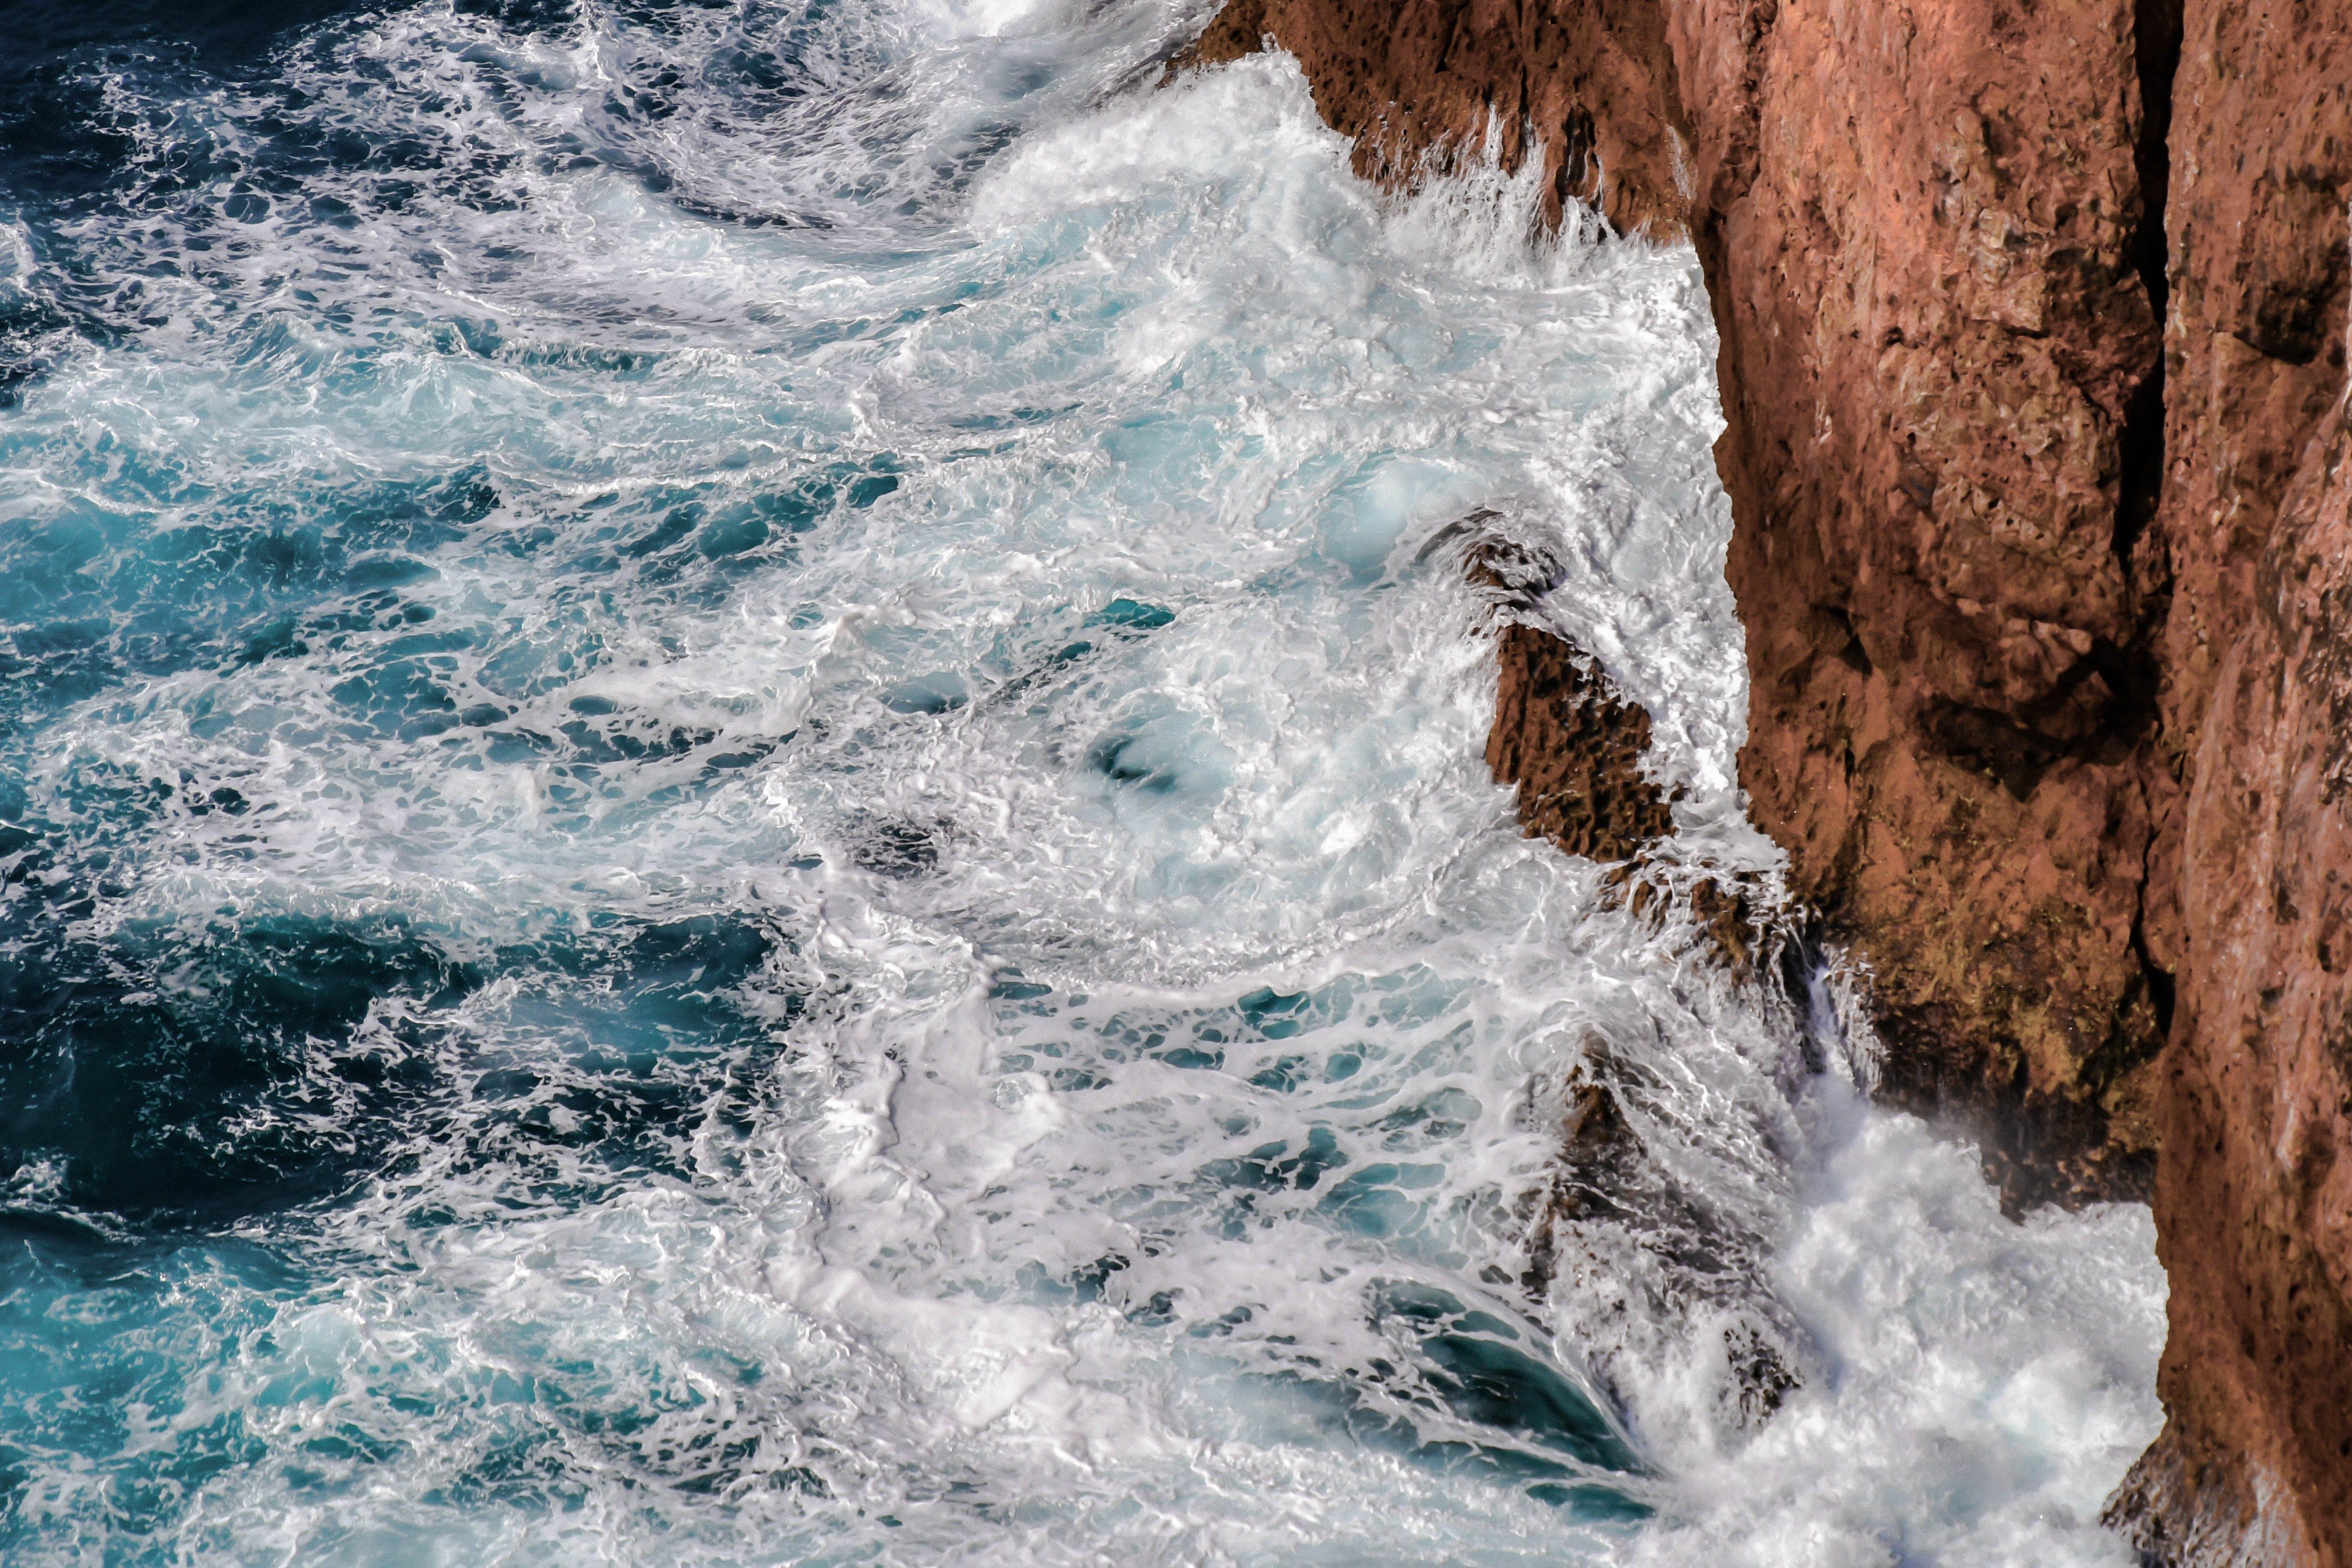 Δωρεάν στοκ φωτογραφιών με sagres, ακτή, αφρός της θάλασσας, βουτιά